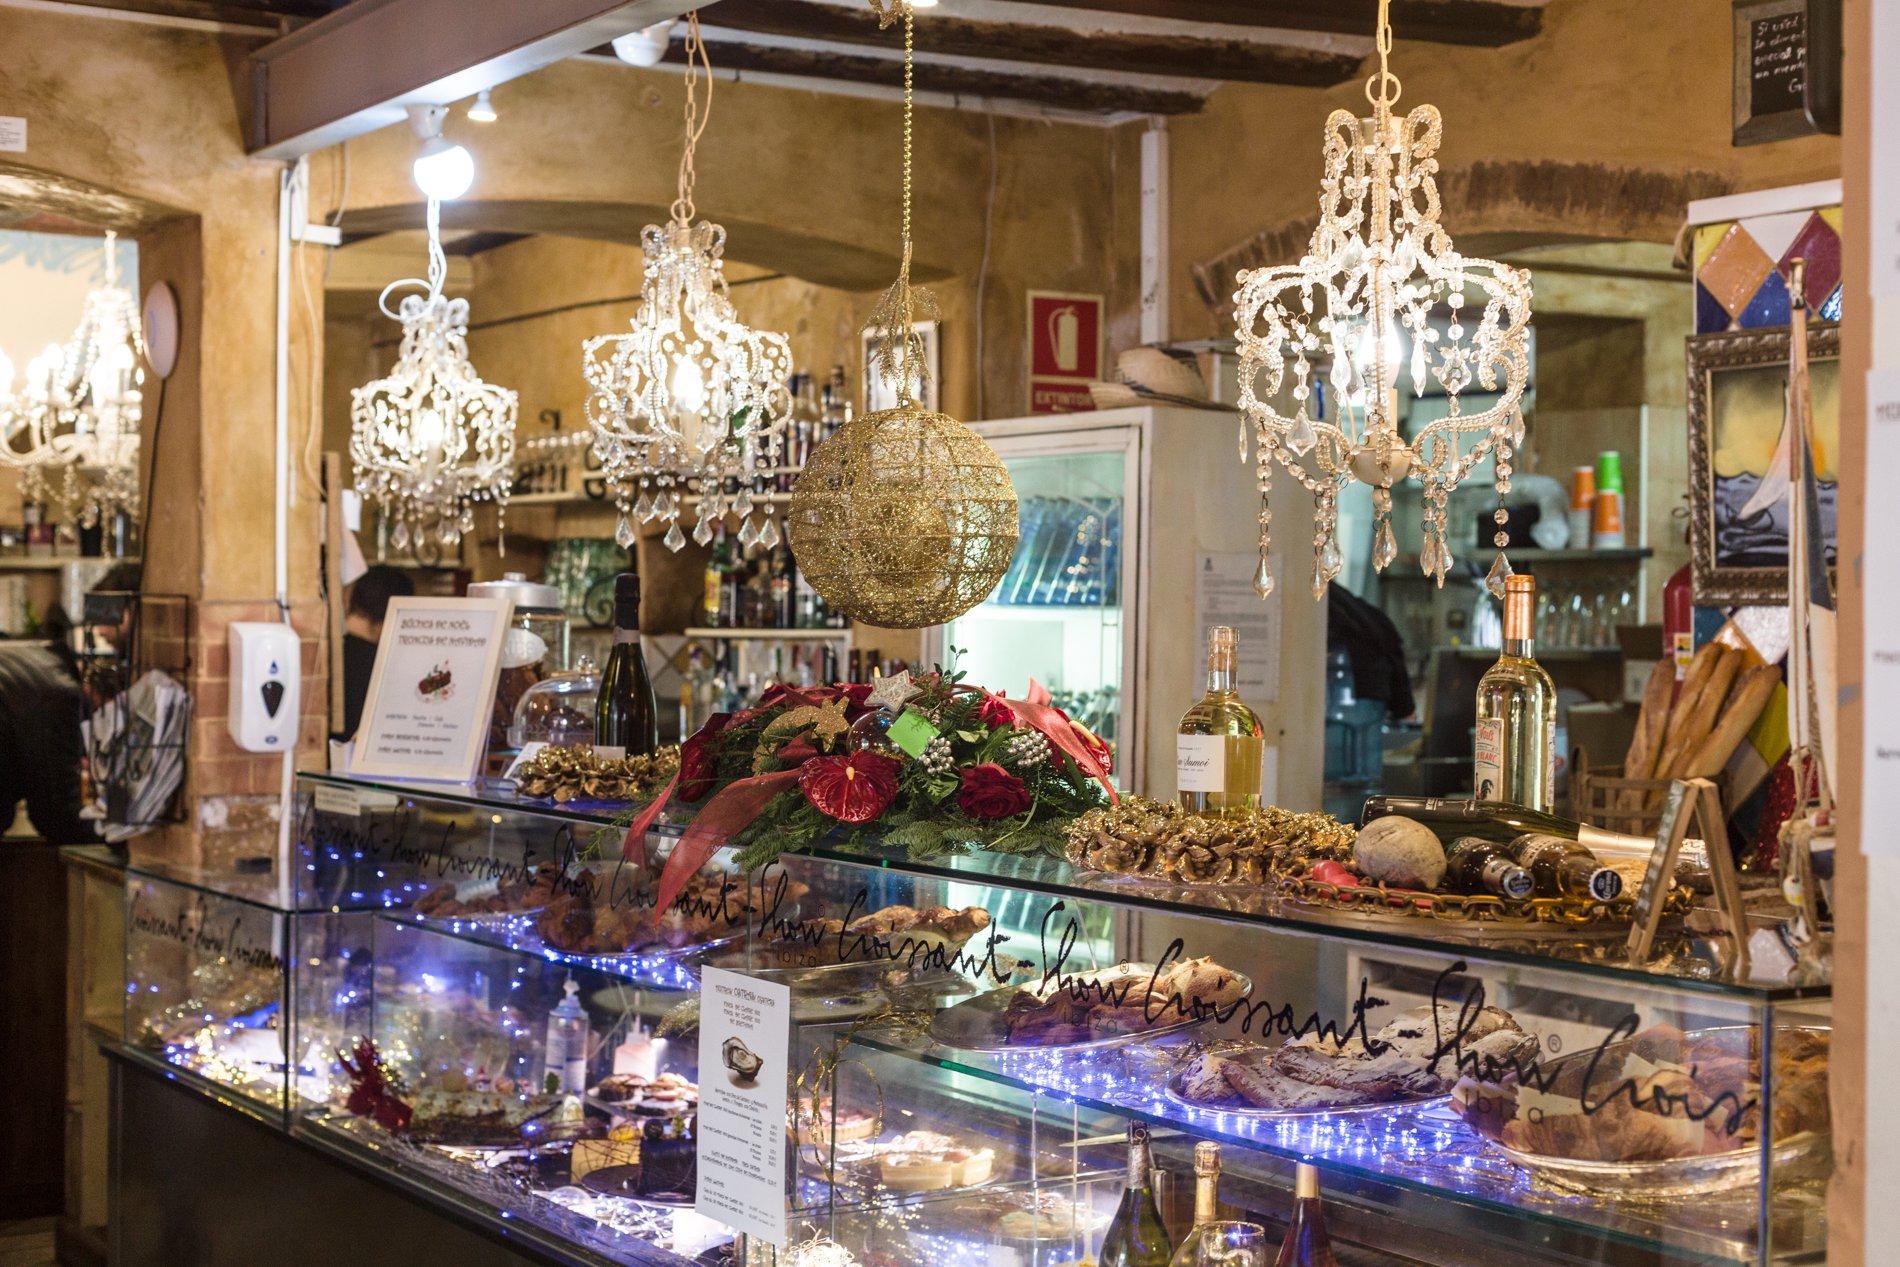 Bollería artesanal, tartas caseras, sándwiches y quiches... pero, sobre todo, cruasanes elaborados en el obrador de esta pastelería.